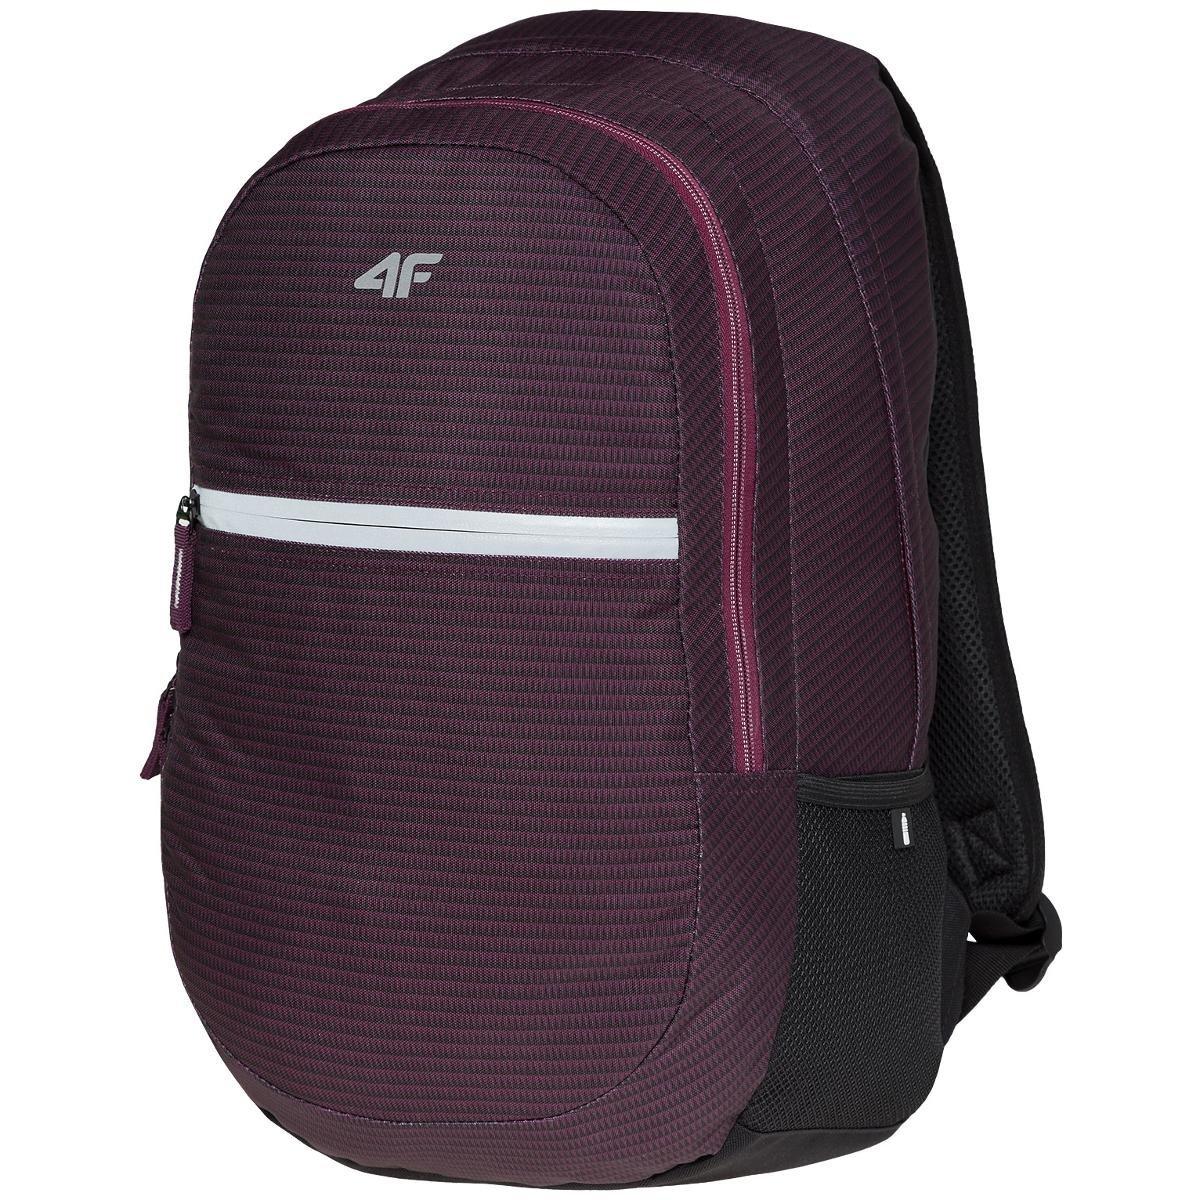 2a4c771deb2ae torba na kółkach - czyli plecak albo tornister z rączką jak przy walizce